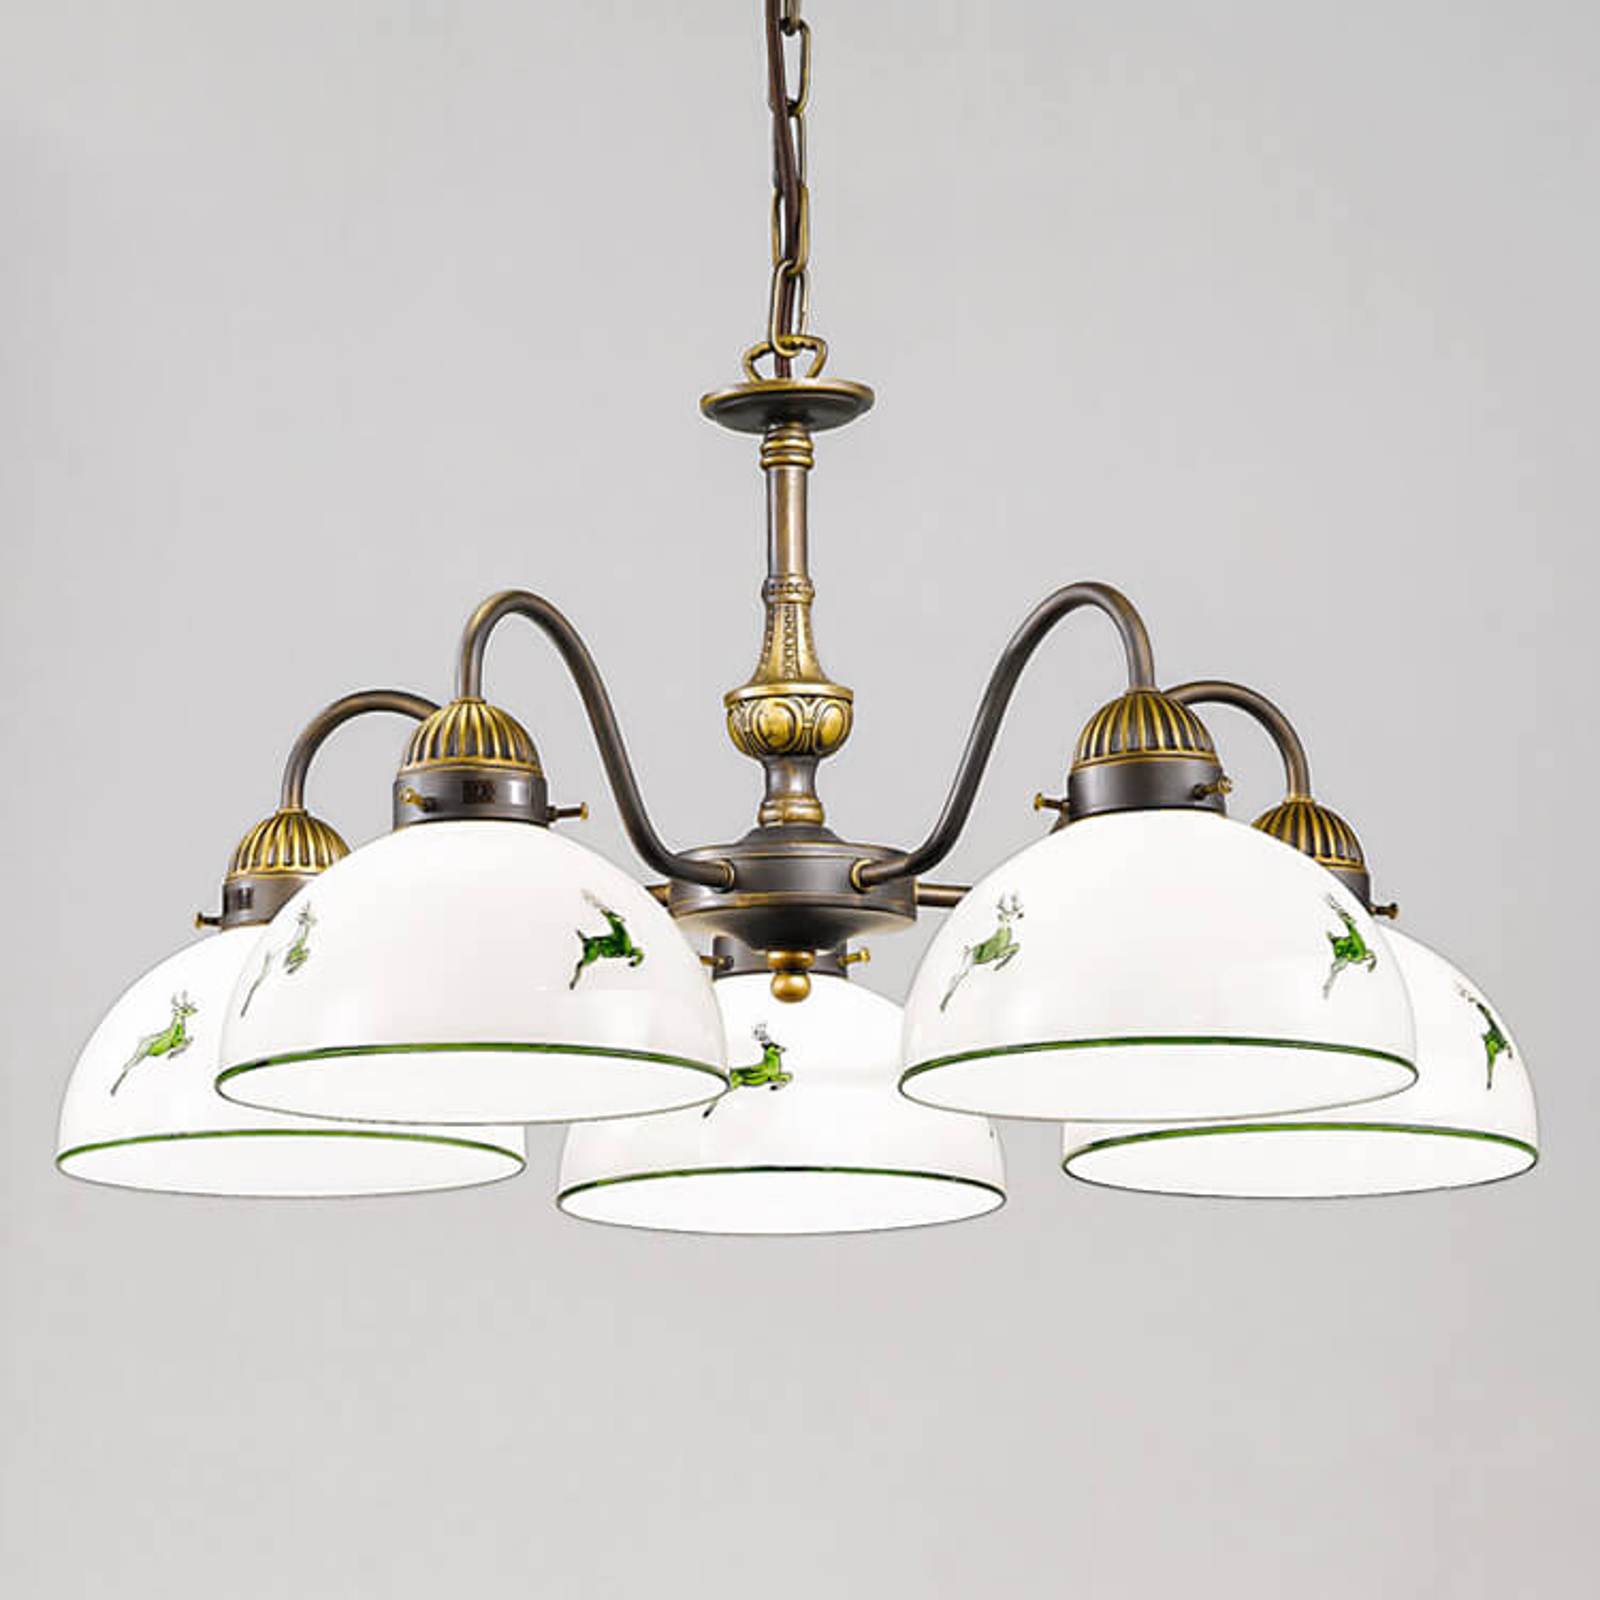 Nonna lampa wisząca styl dworkowy biało-zielona